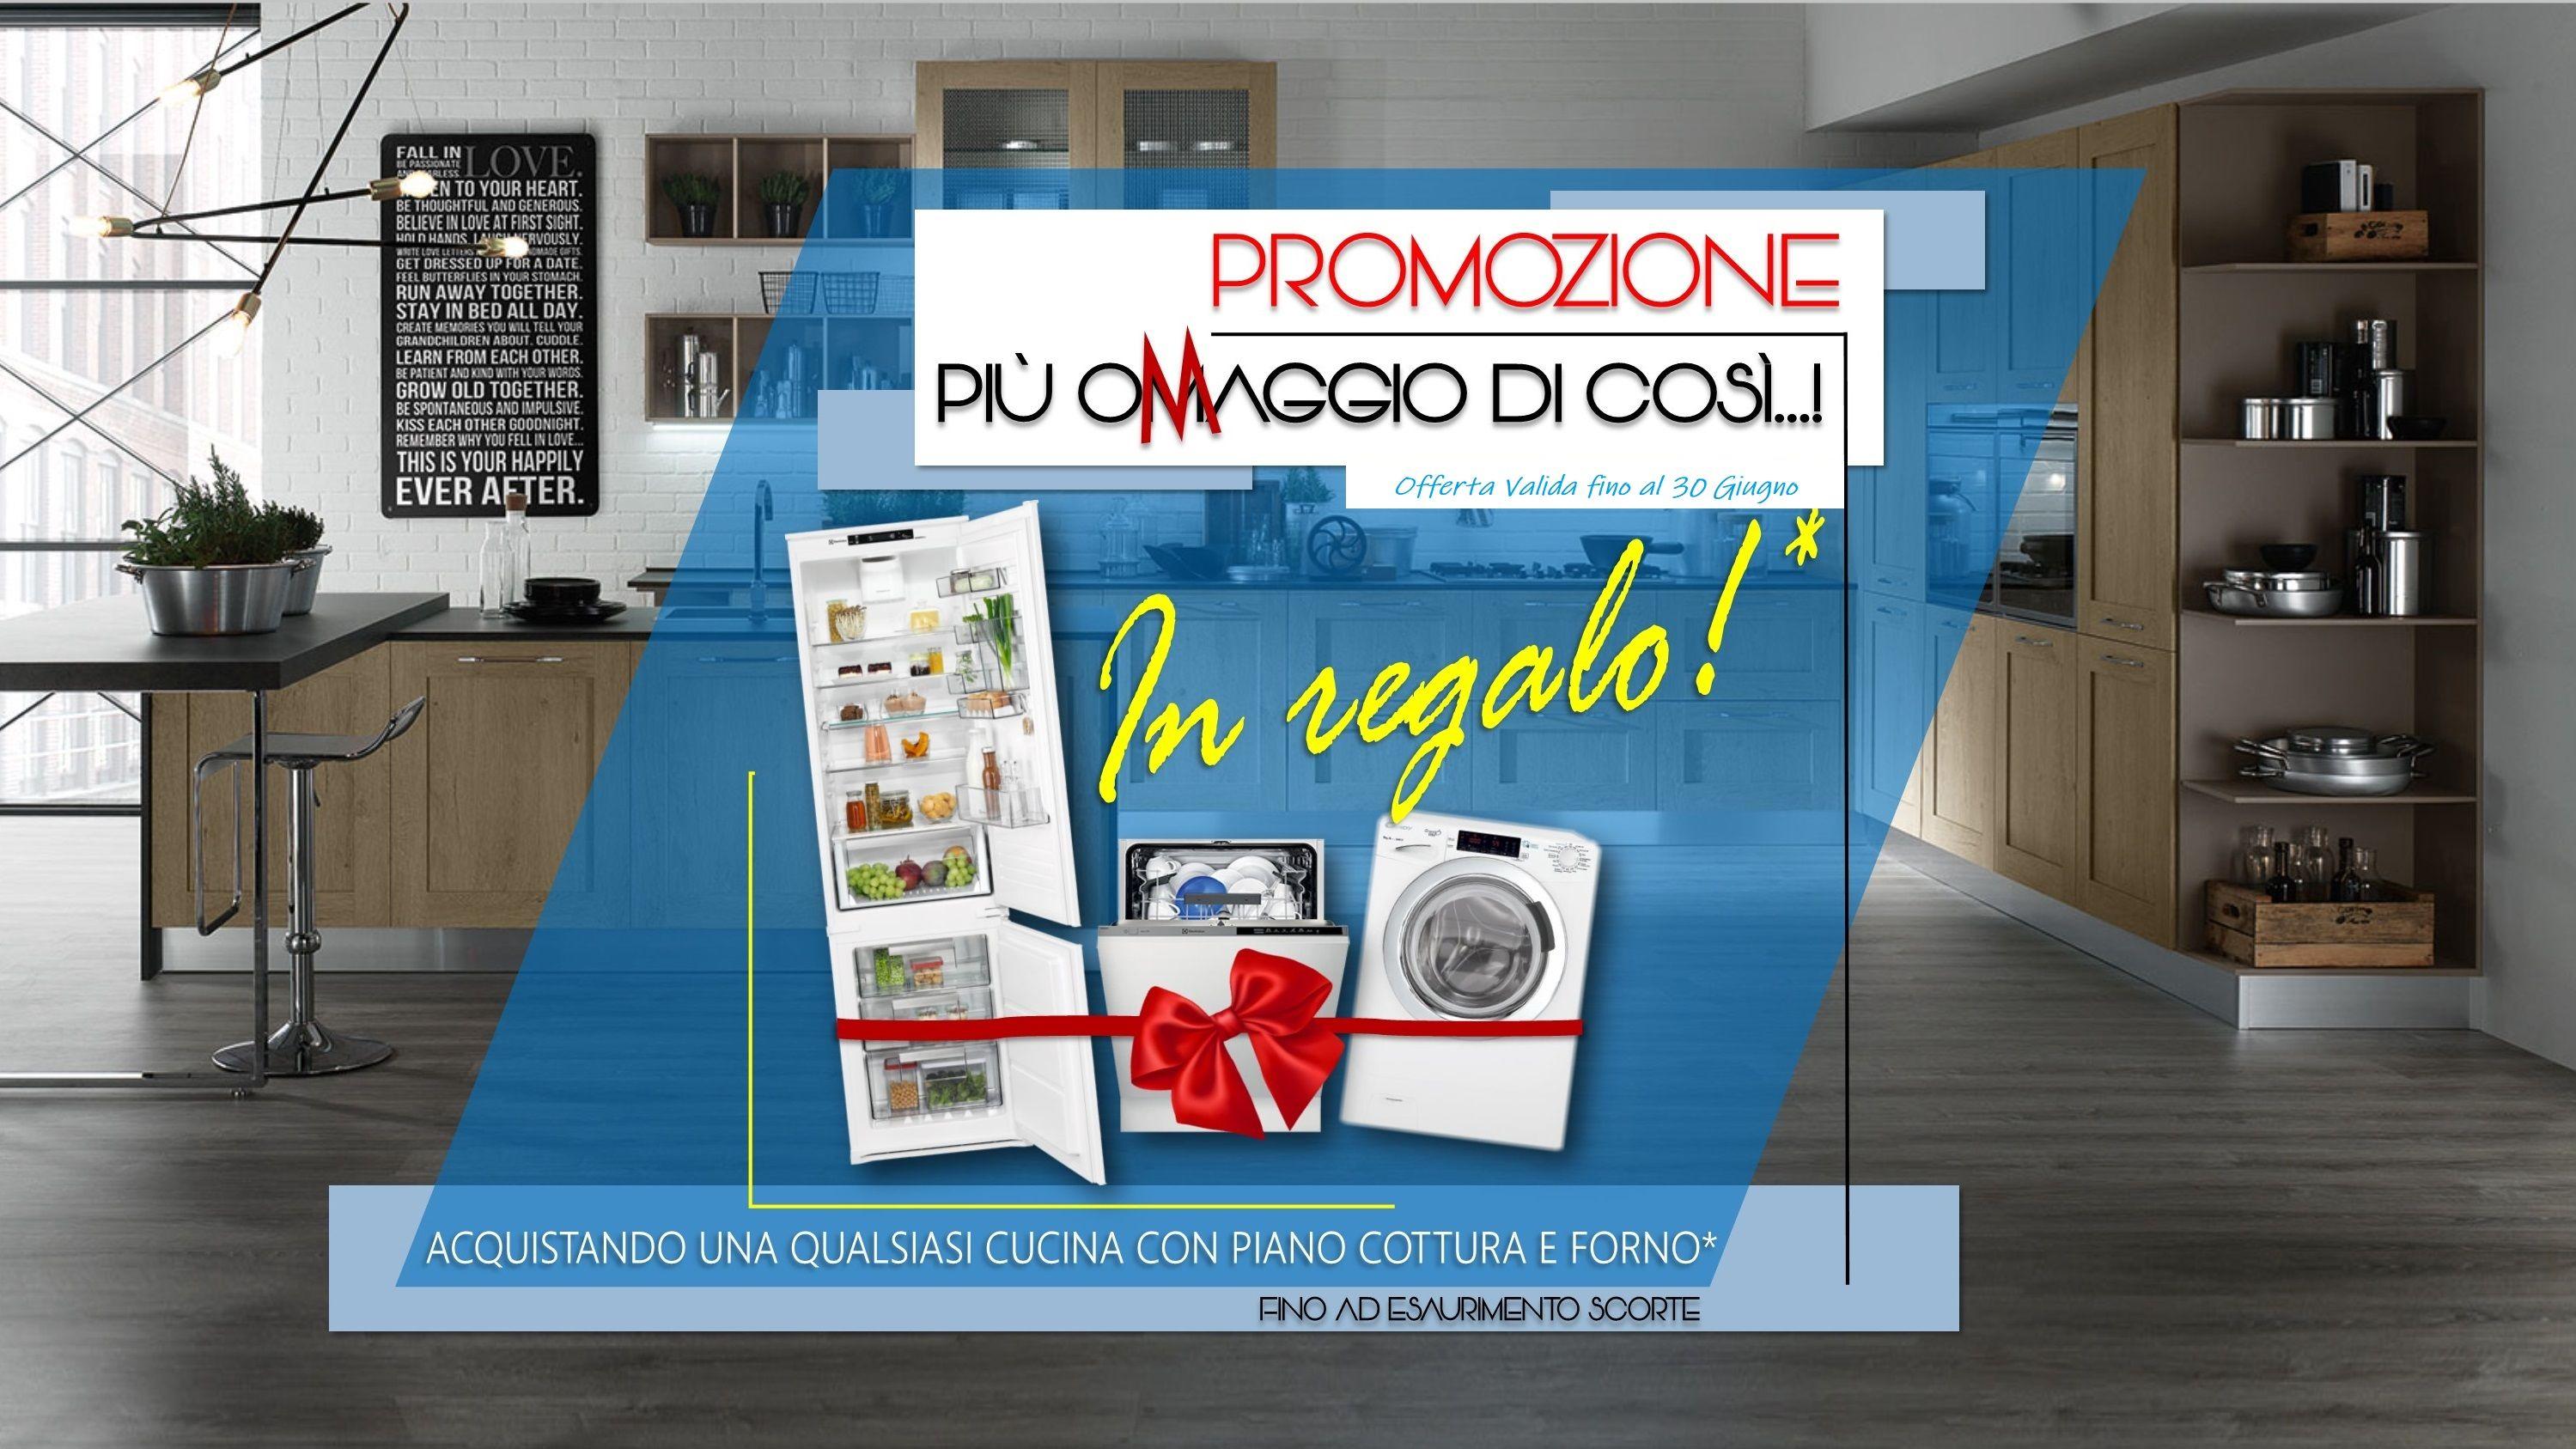 Negozi Di Mobili Roma negozio di arredamento a roma (con immagini) | negozi di